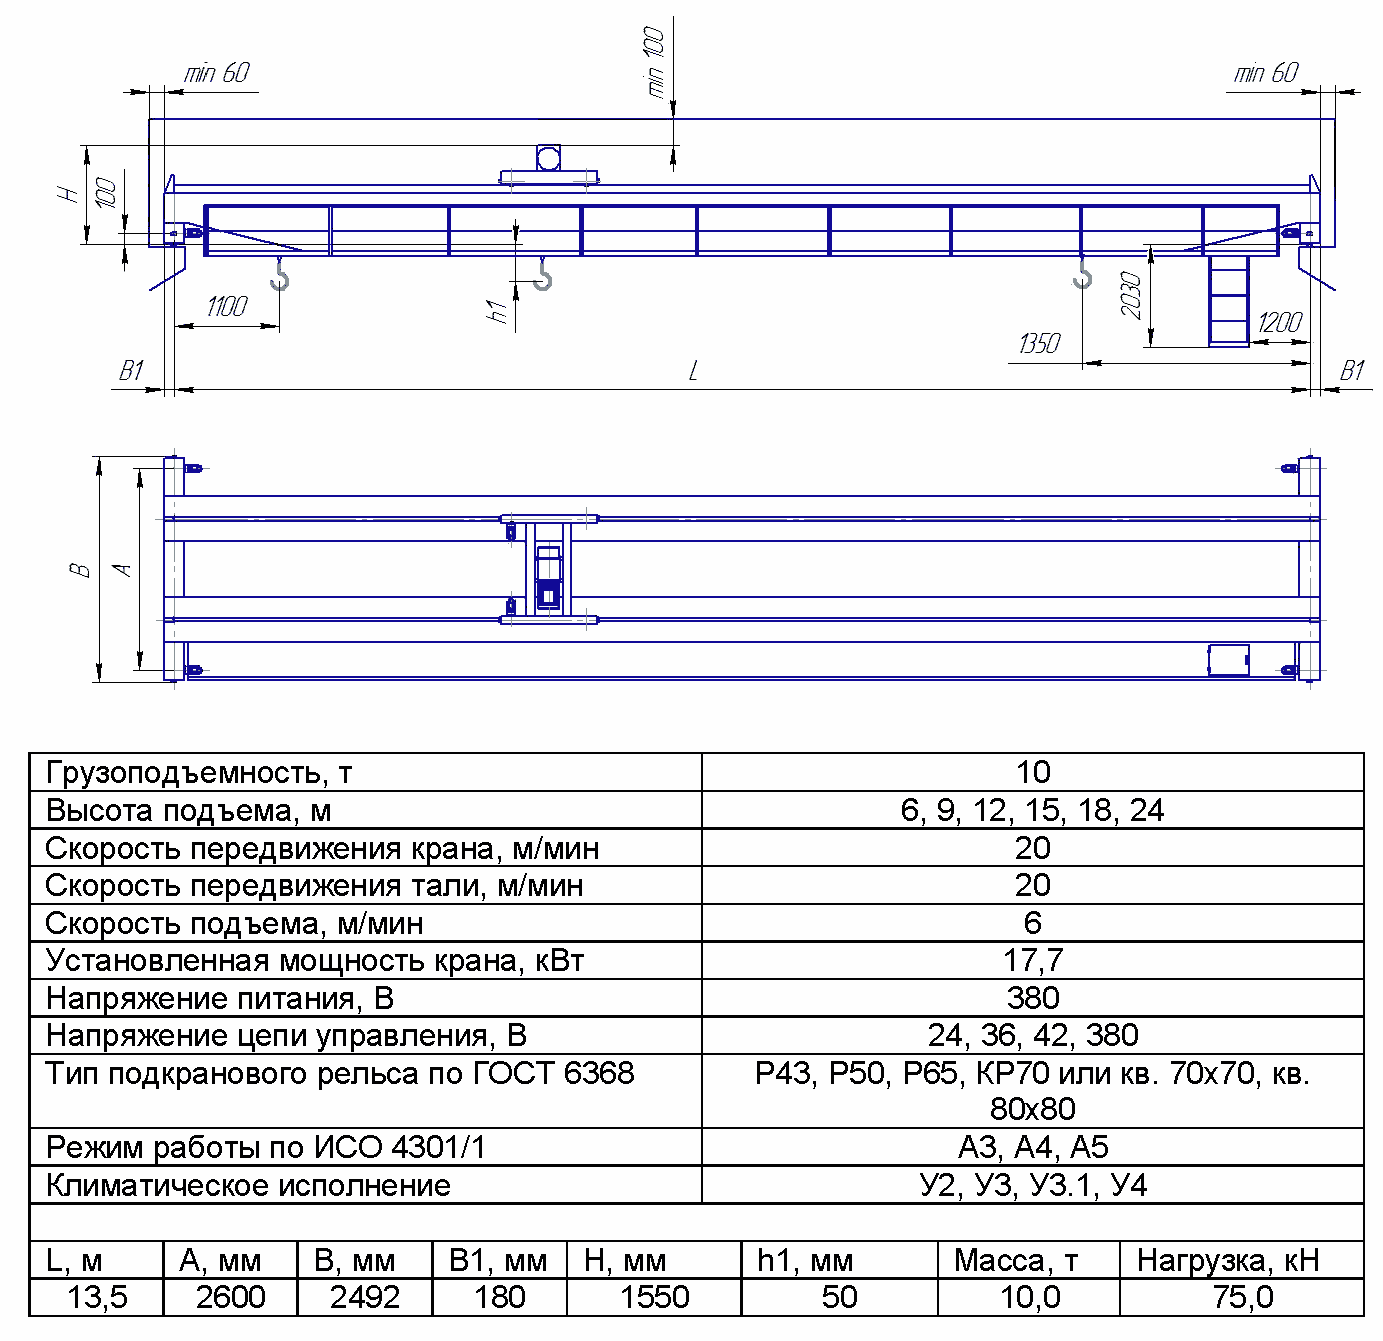 KMON 2 2 - Опорный мостовой кран общего назначения